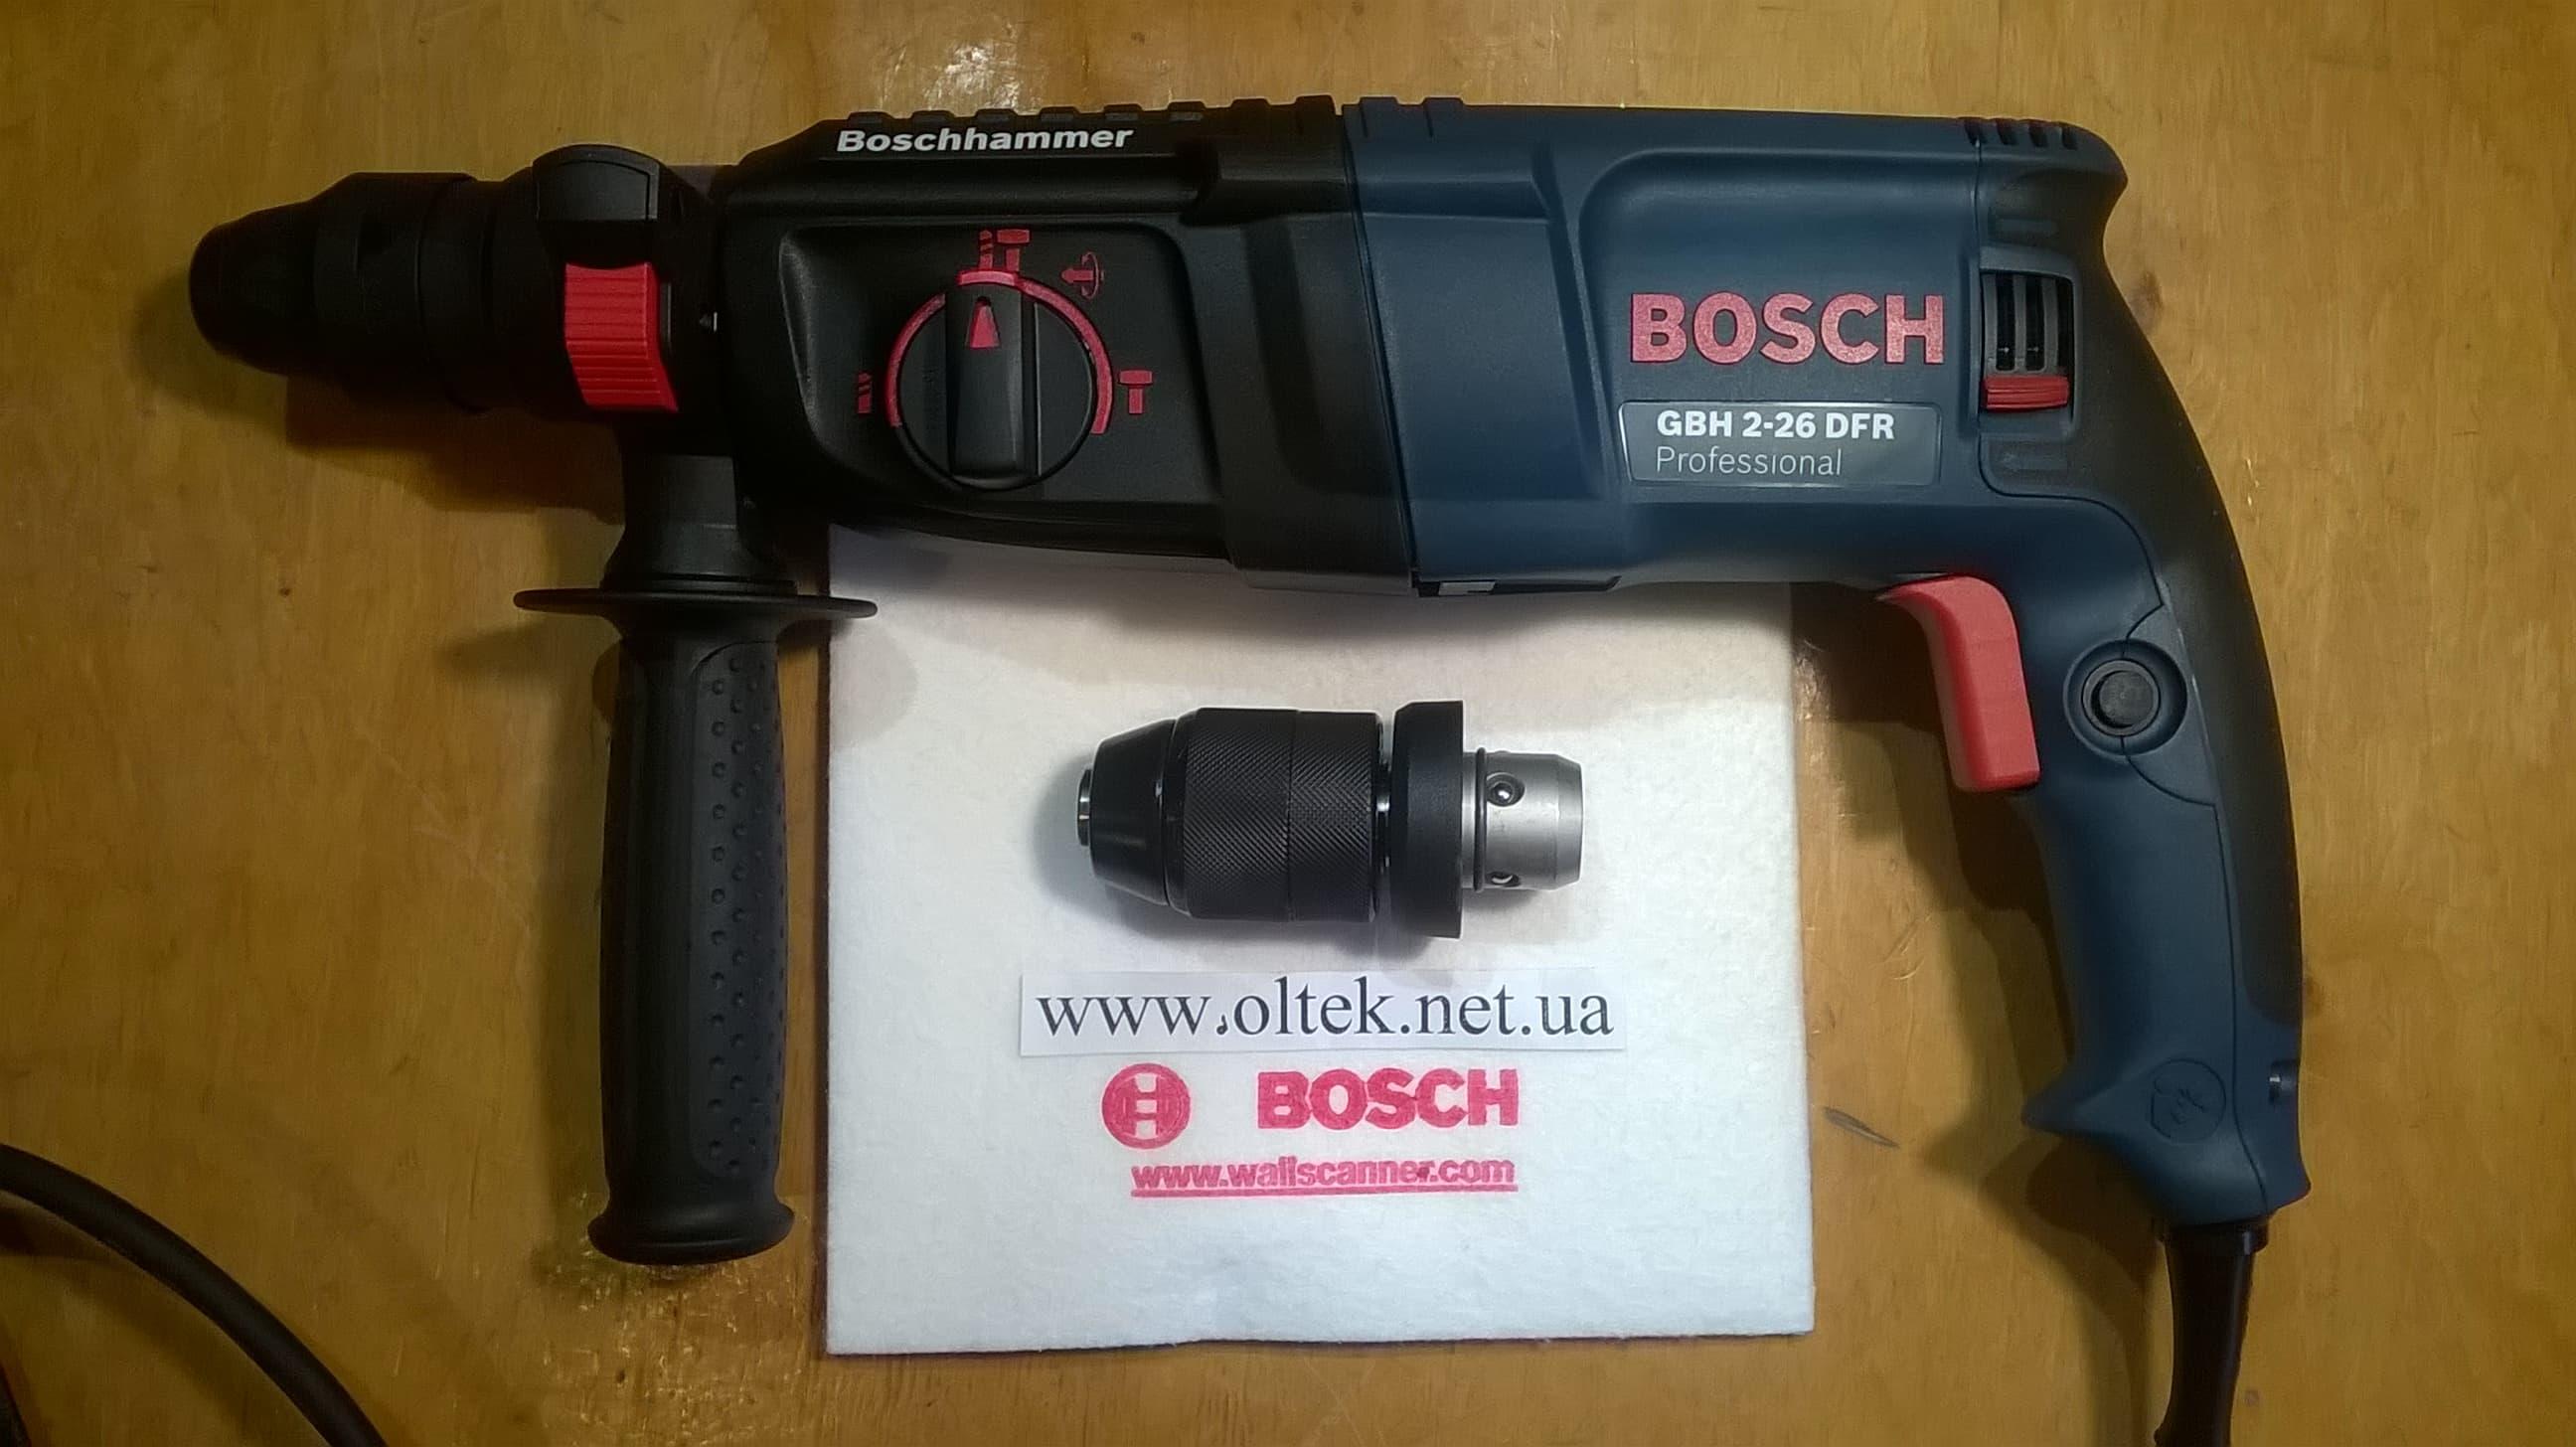 bosch-2-26dfr-oltek-net-ua